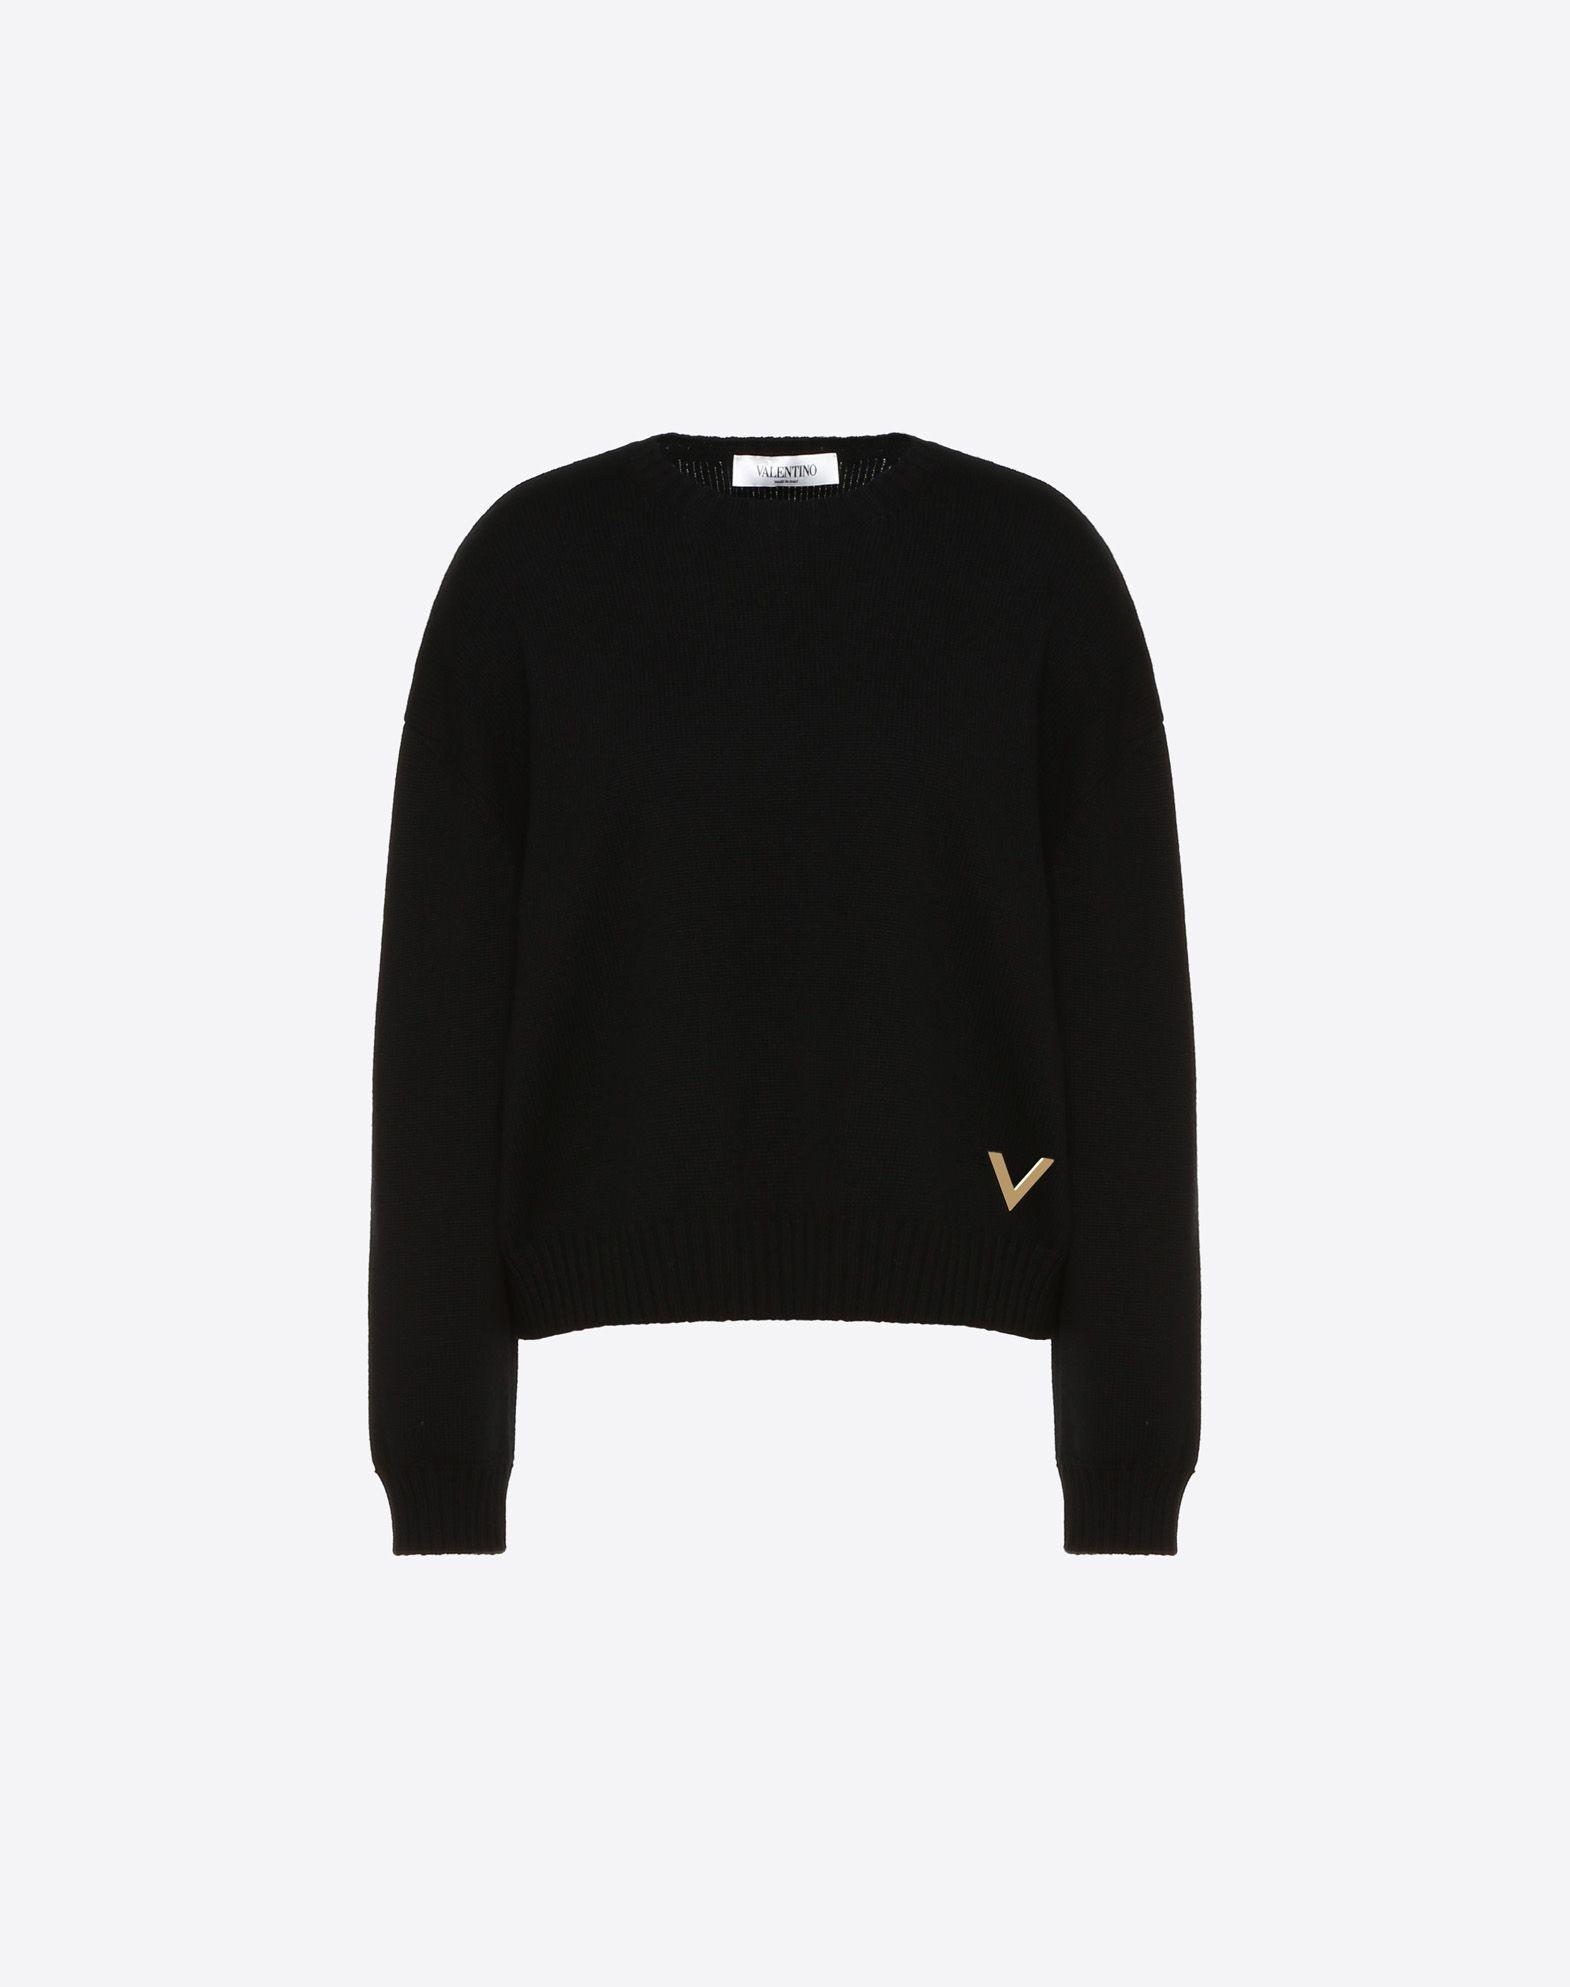 Cashmere Jumper with Gold V Detail